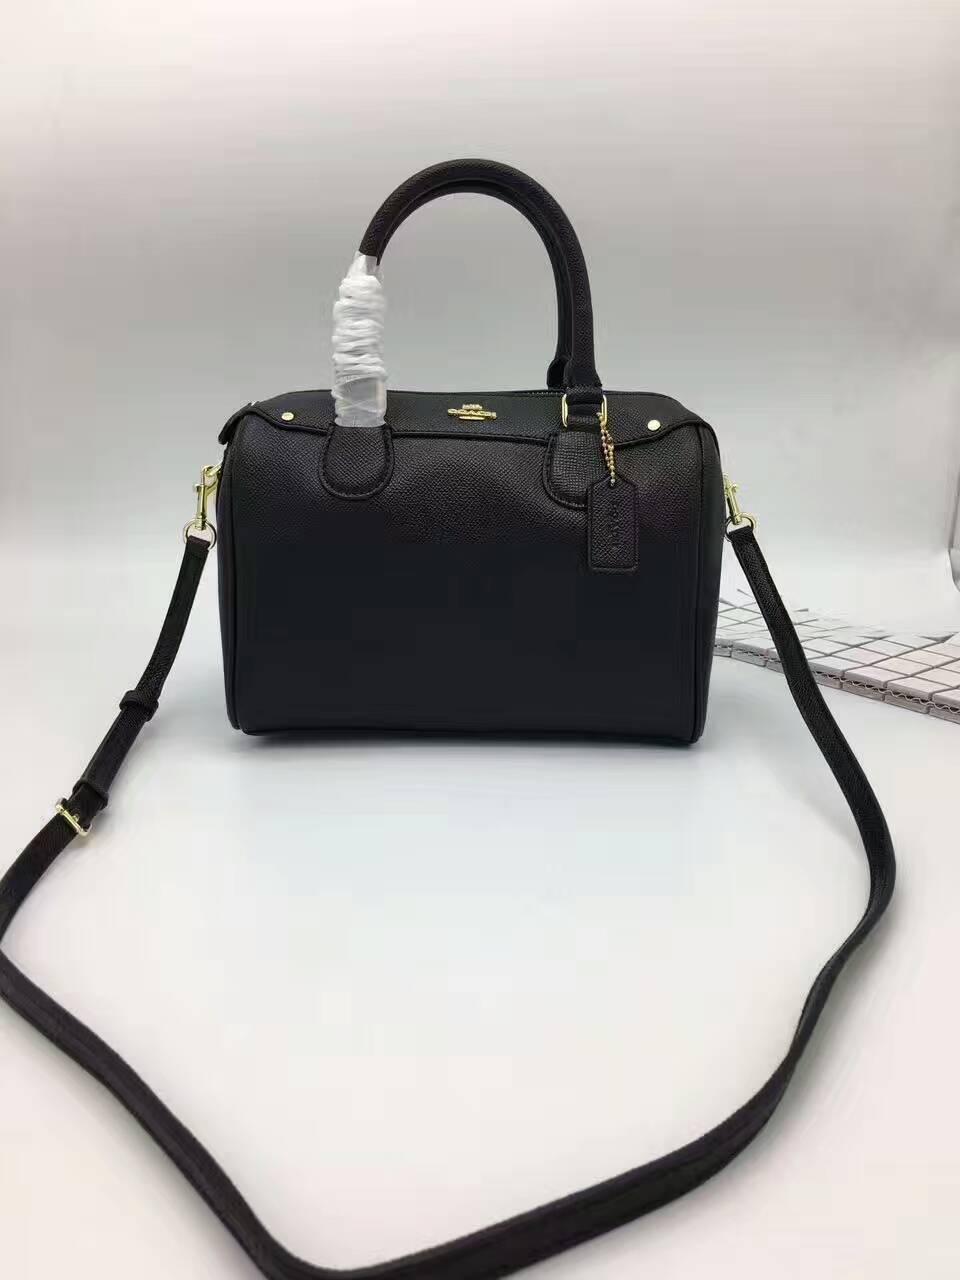 國外Outlet代購 COACH F57521 顆粒壓紋純色波士頓枕頭包 肩背包 手提包 斜背包 黑色